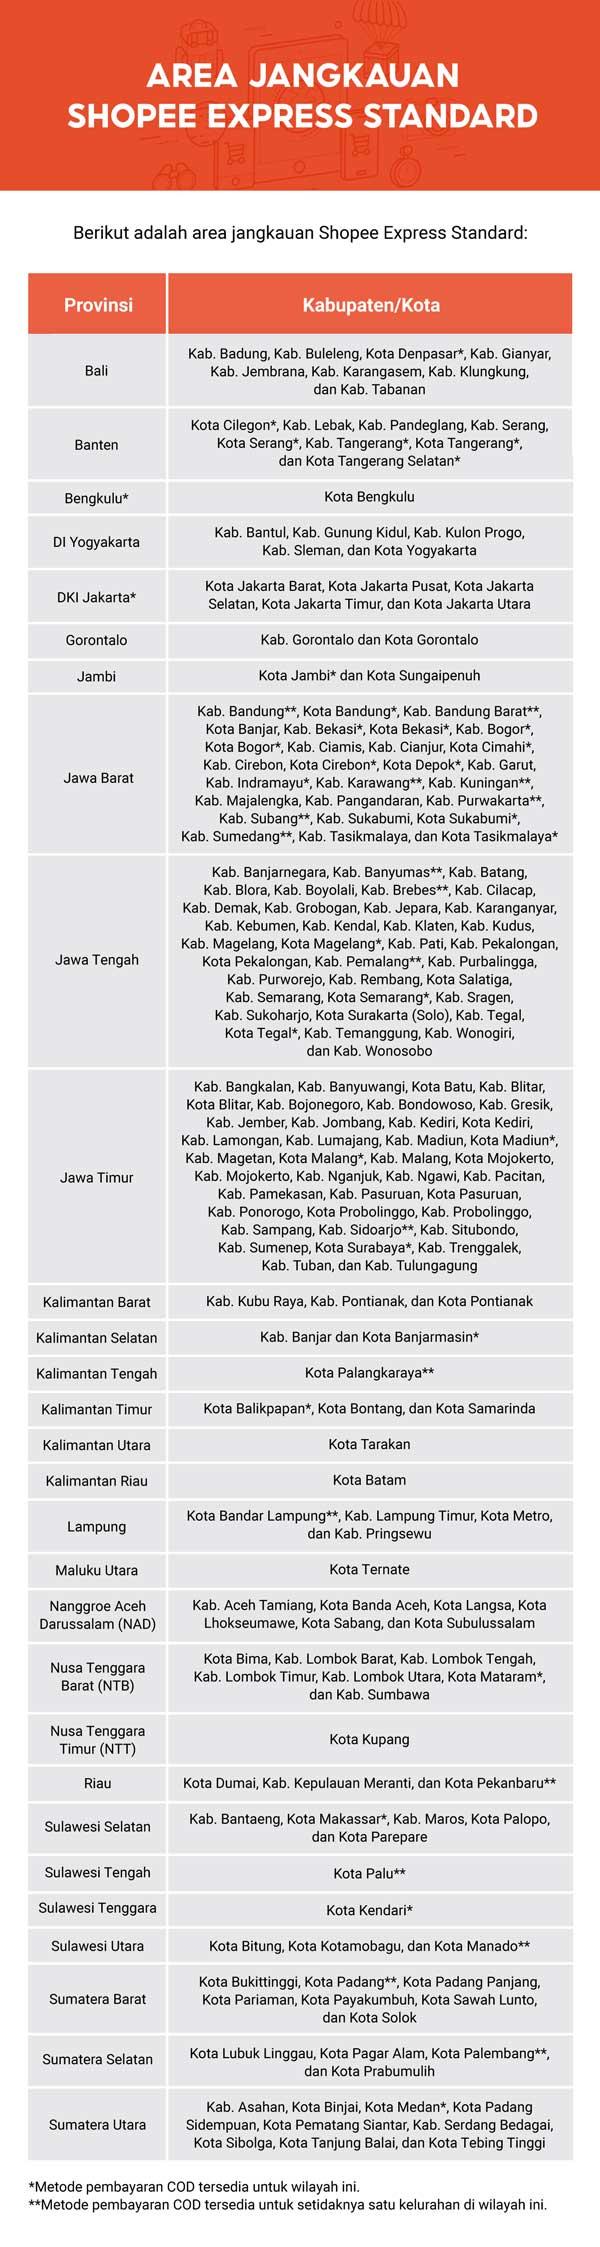 Daftar Kota dan Kabupaten Area Jangkau Shopee Express